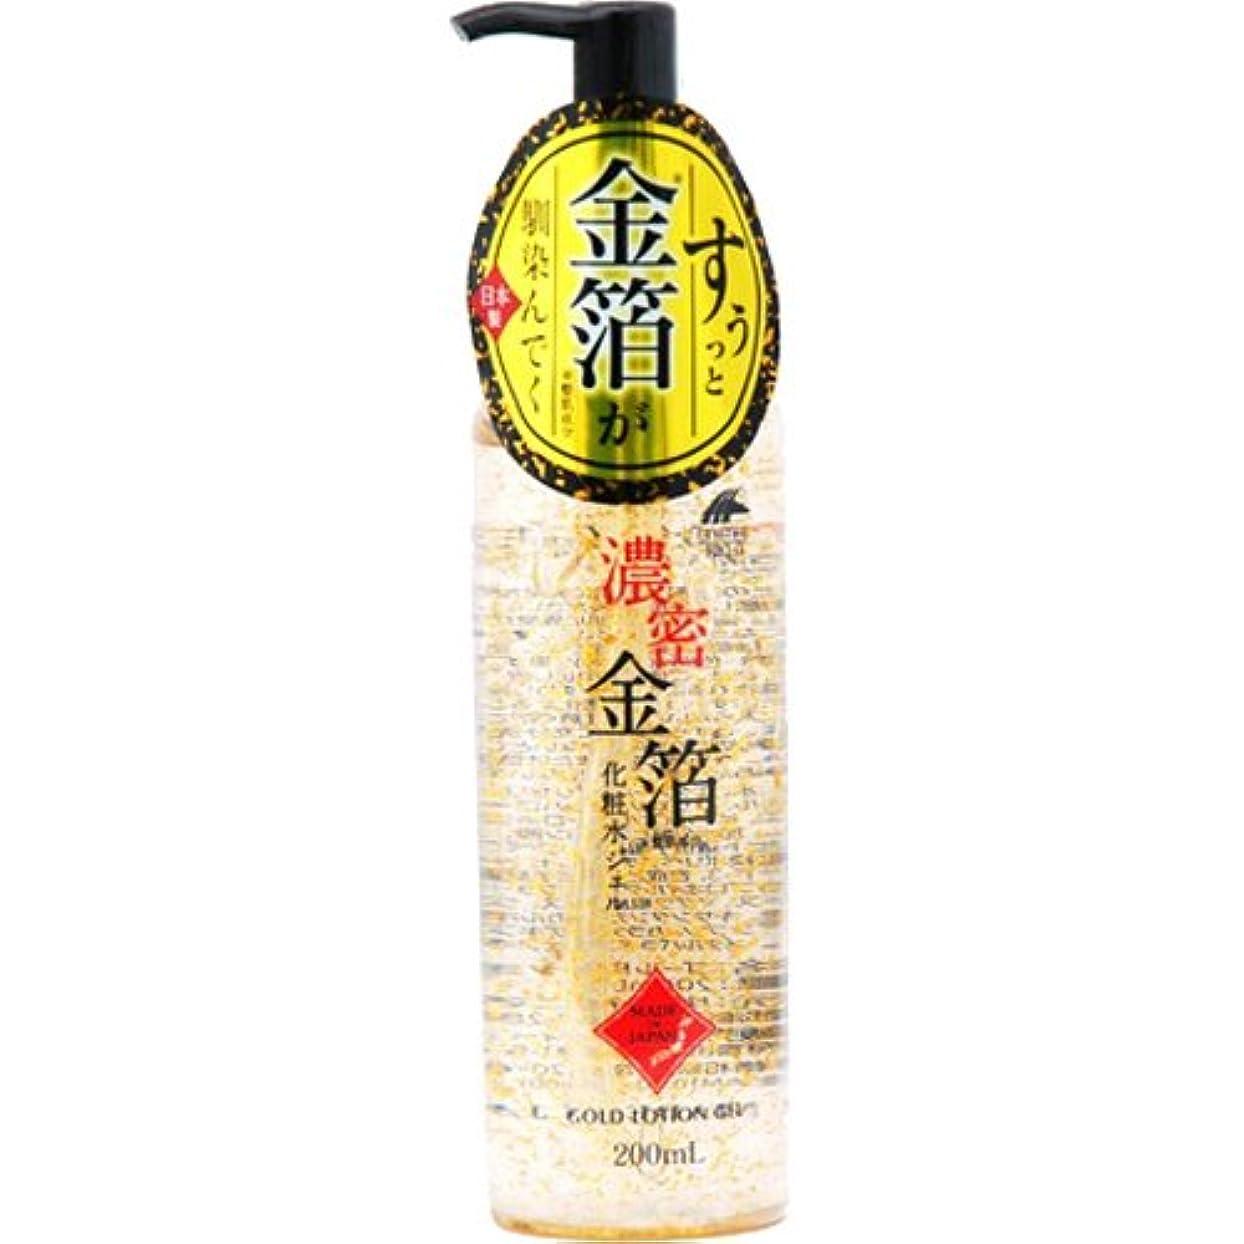 ユニマットリケン】濃密金箔化粧水ジェル 200ml ※お取り寄せ商品